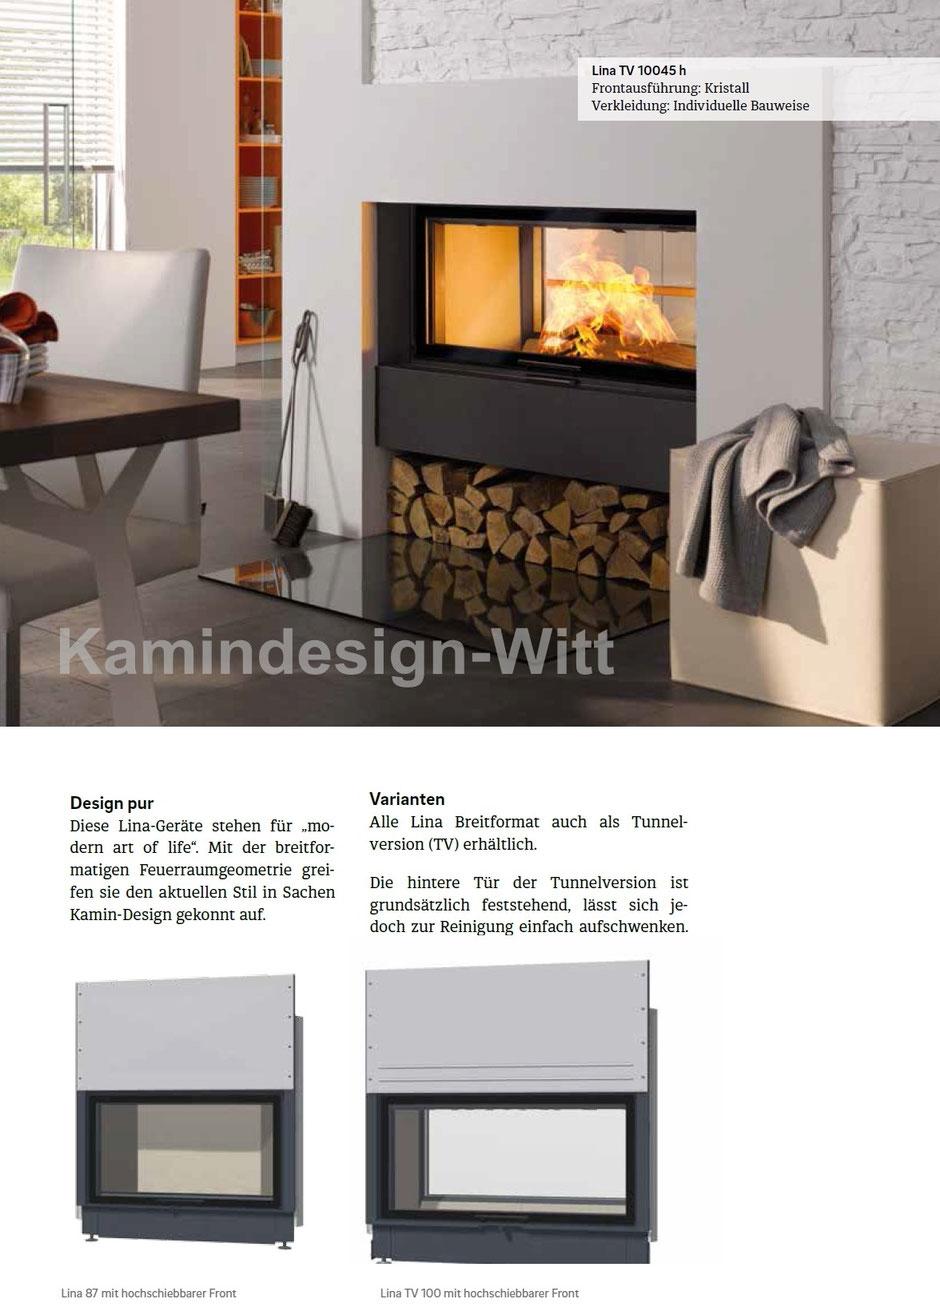 Schmid-Lina-73-45h-Kamineinsatz